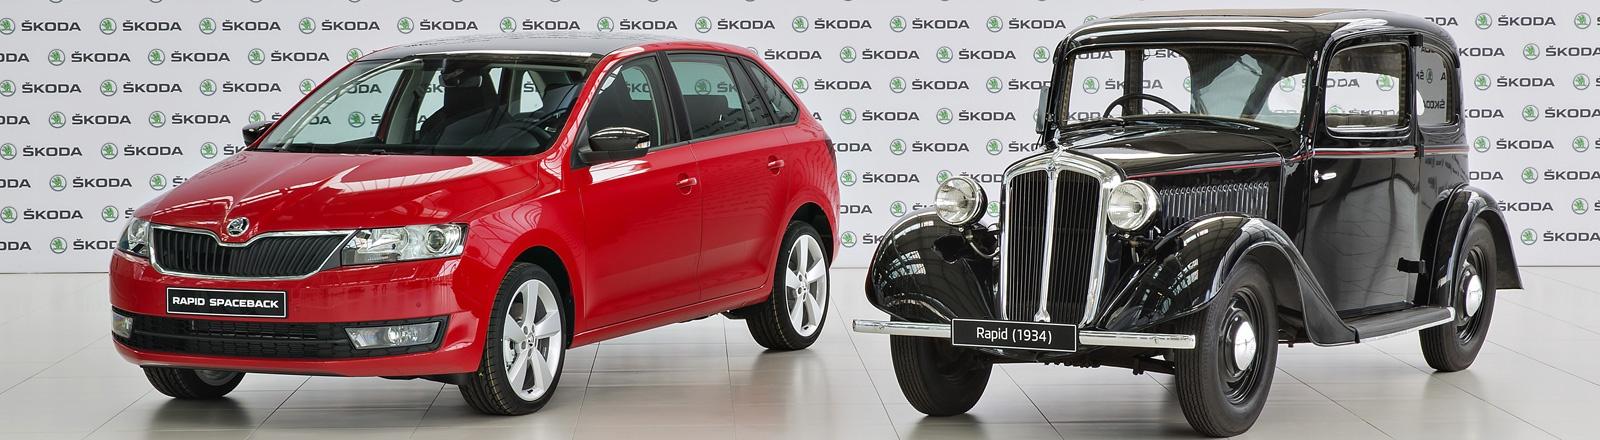 Skoda Rapid 500000 maal gebouwd